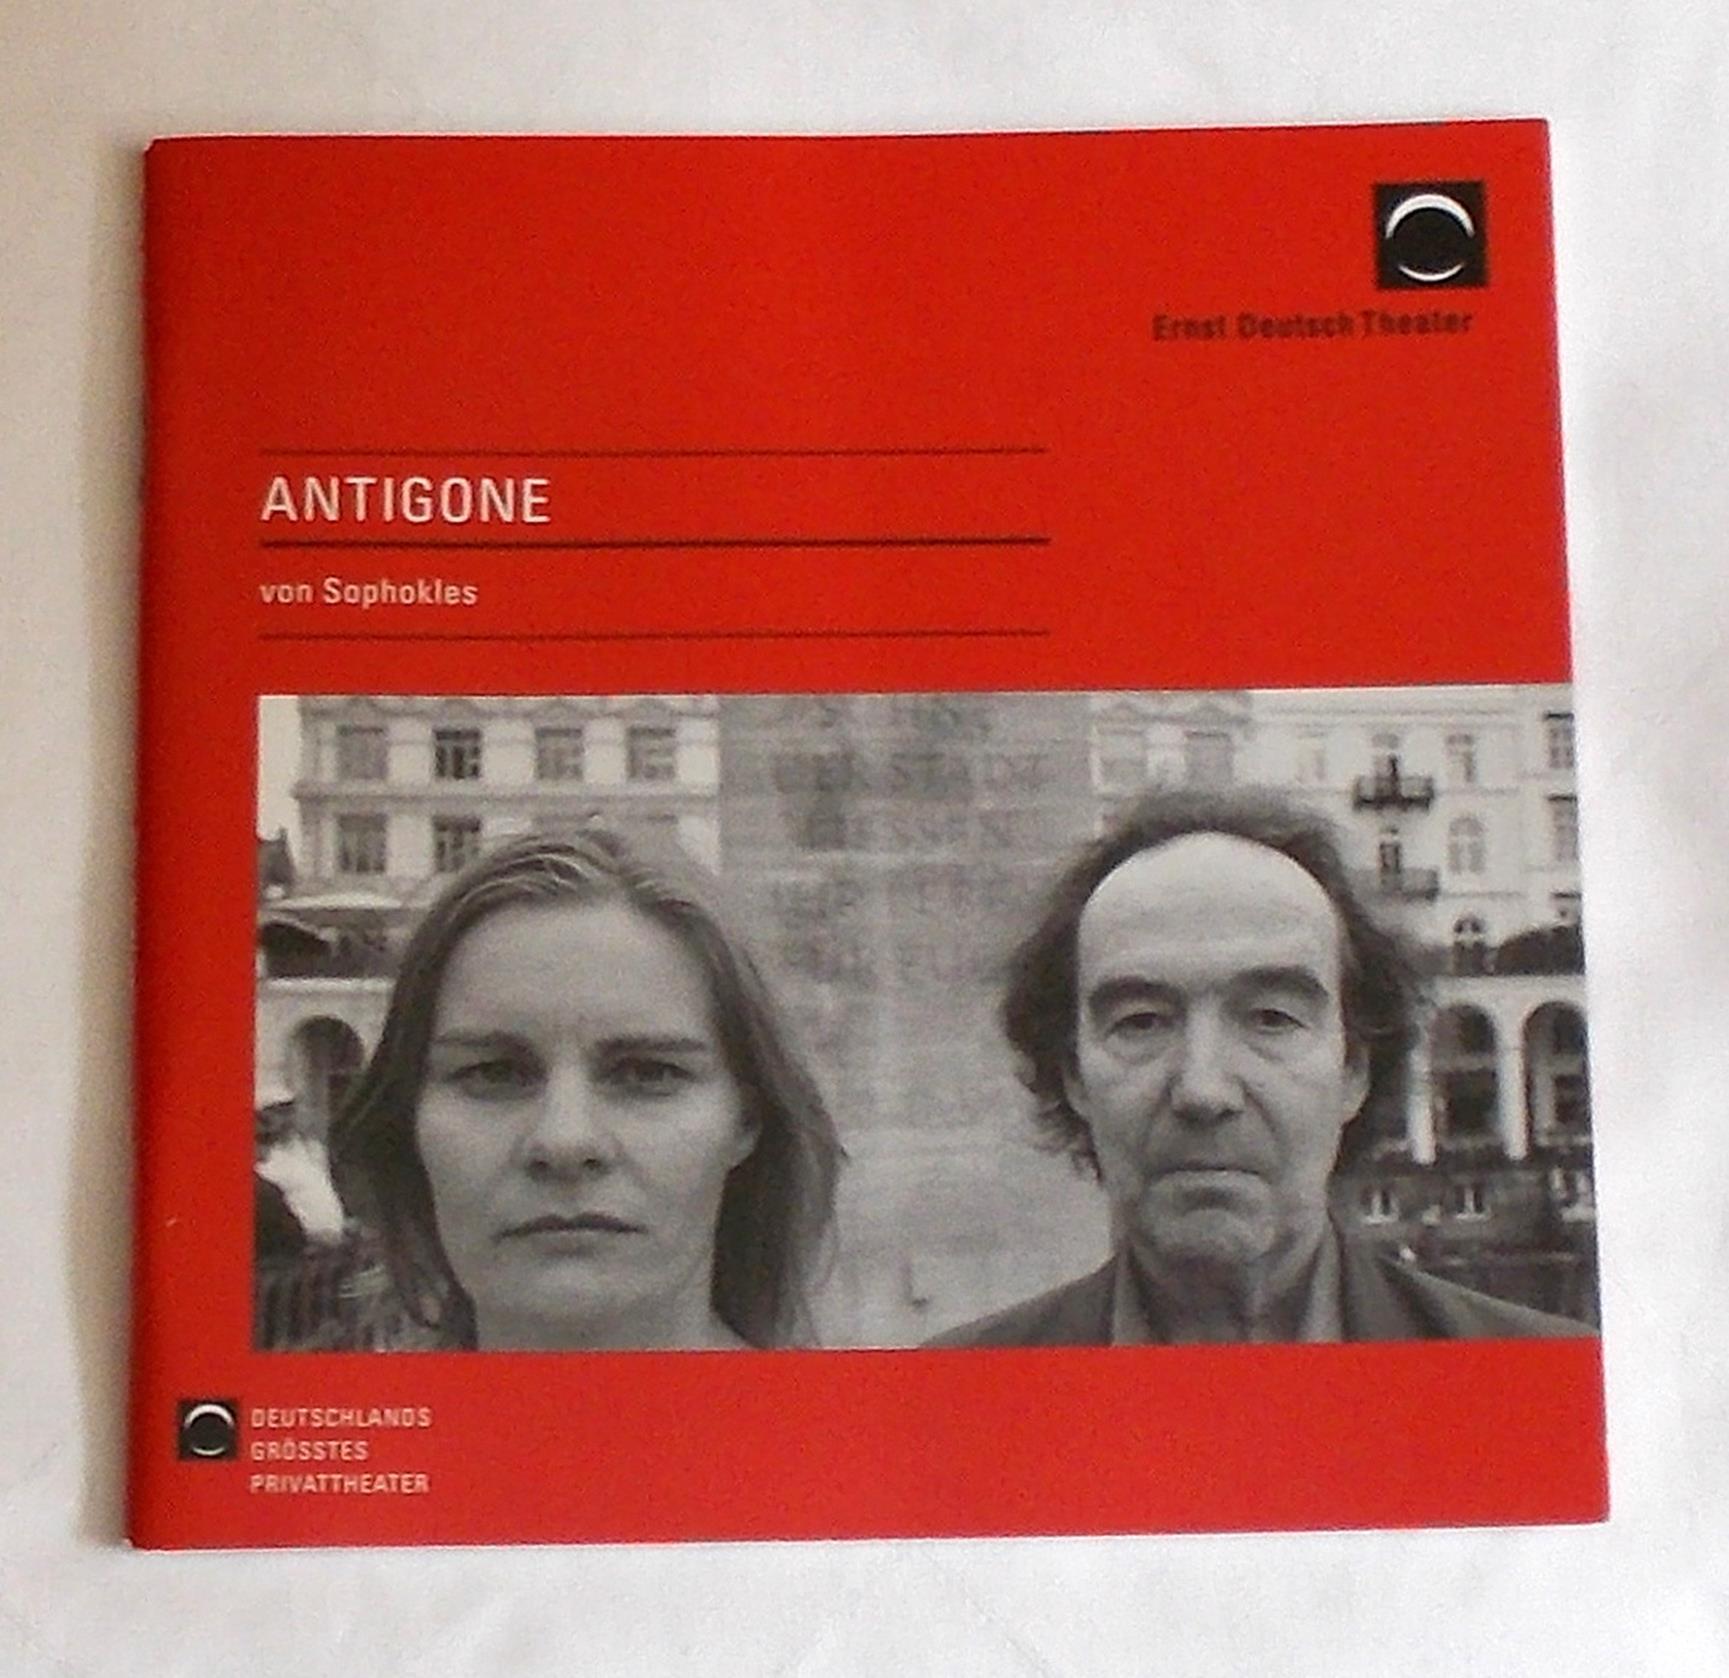 Programmheft ANTIGONE von Sophokles. Ernst Deutsch Theater 2008